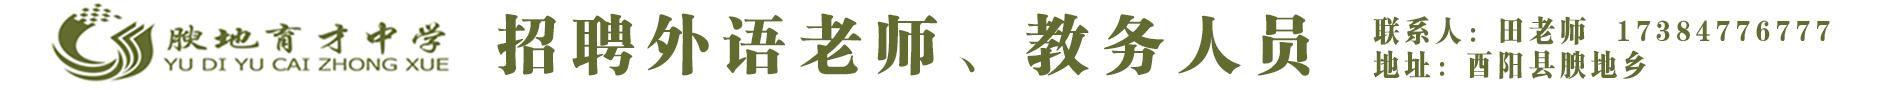 酉阳县腴地乡育才私立中学